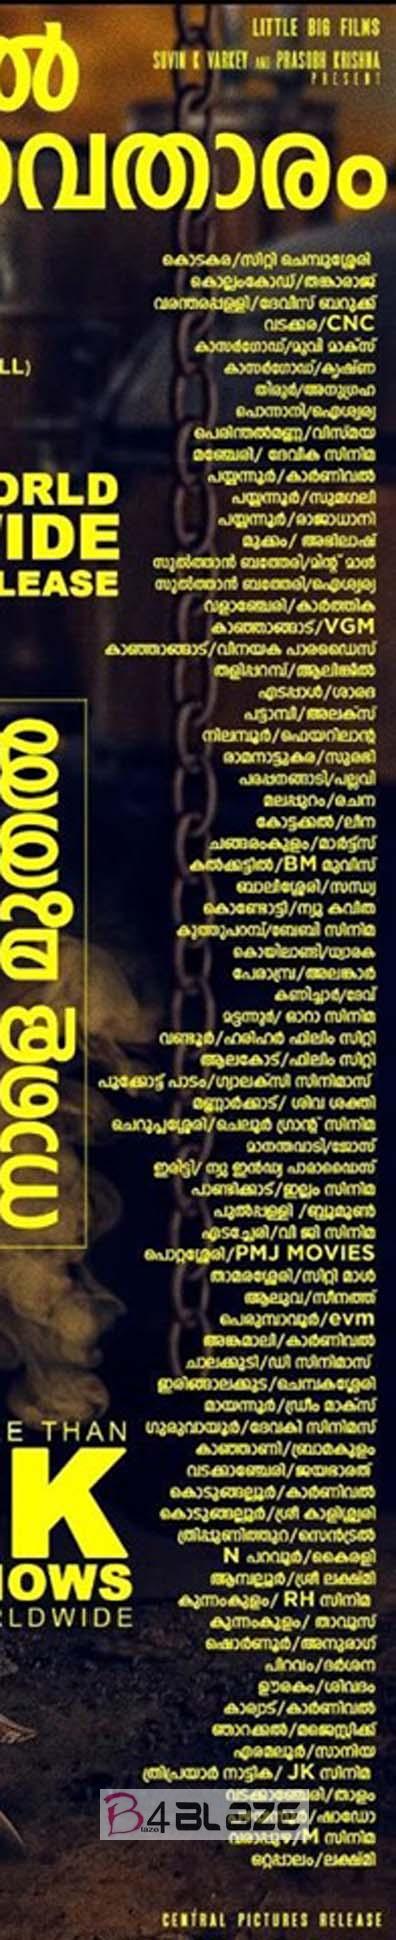 Kalki Theater List 2